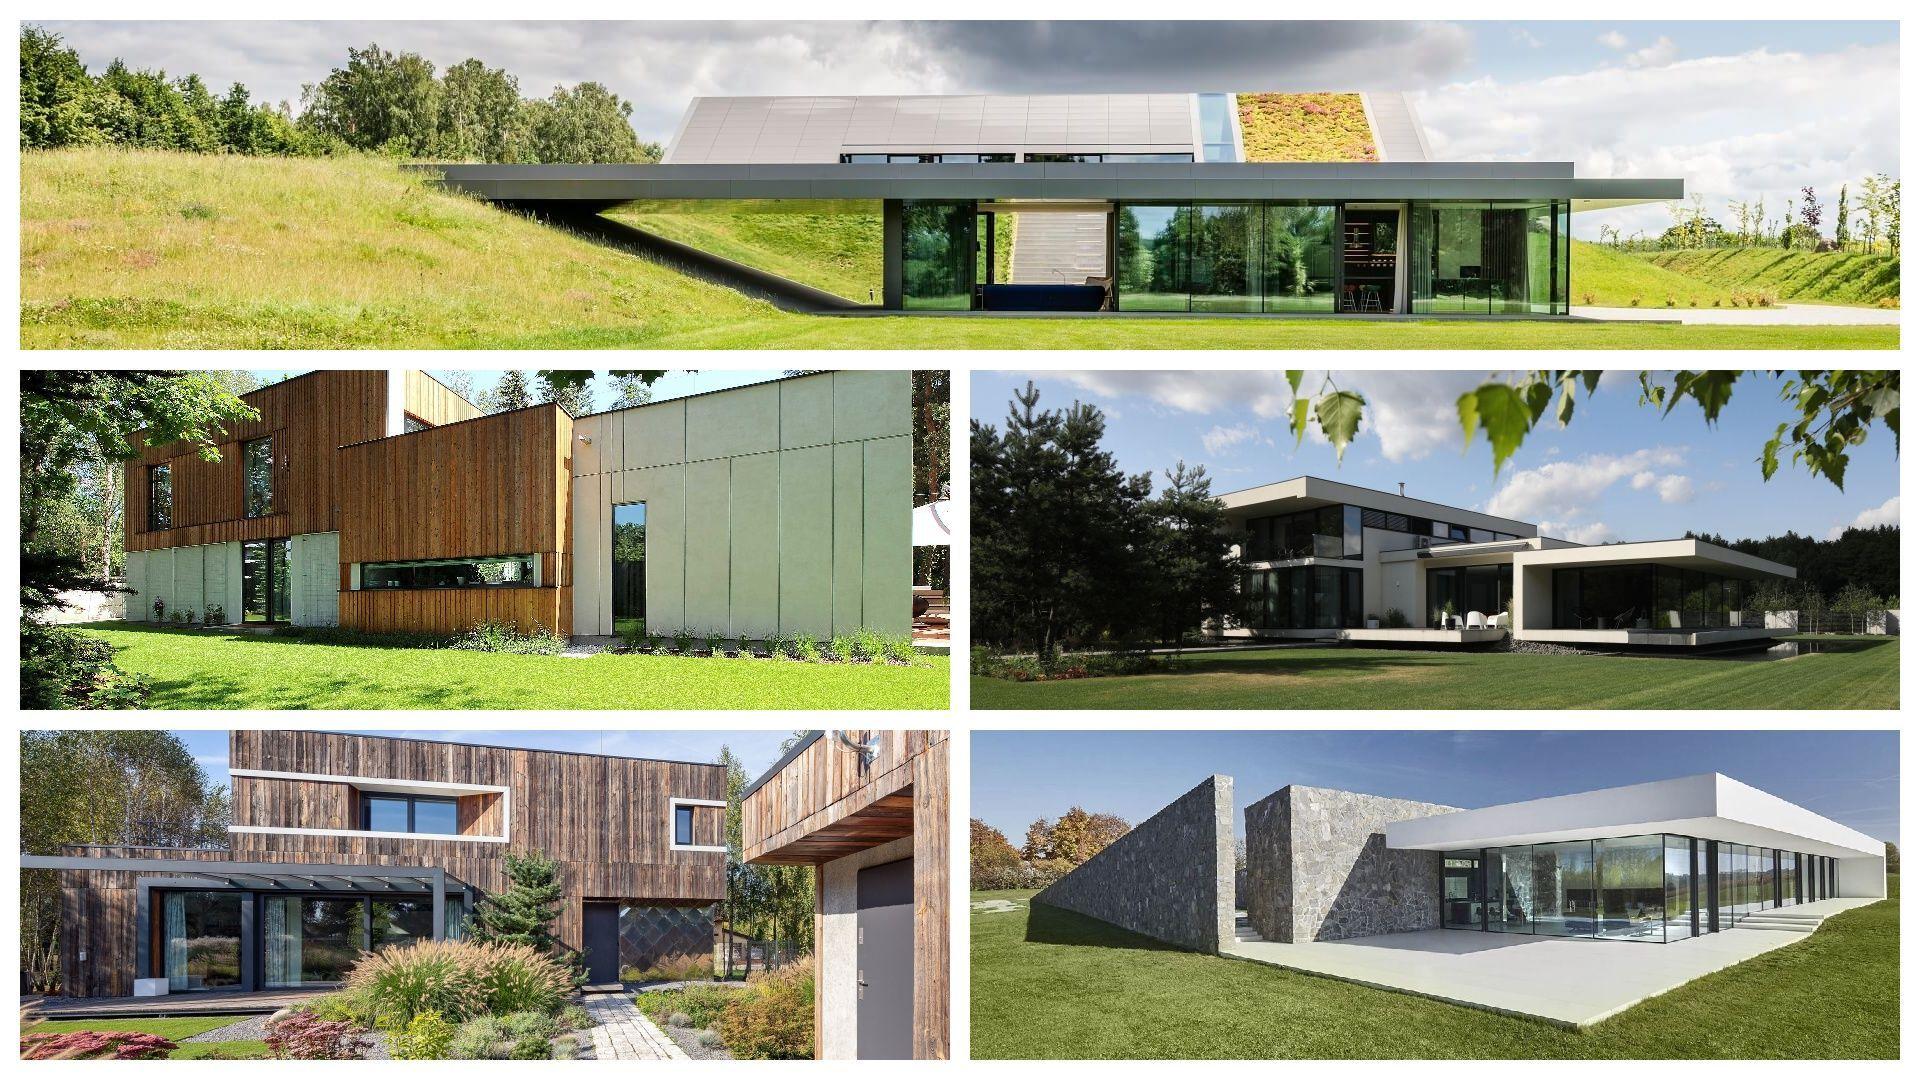 Przedstawiamy nominowanych w kategorii Projekty - budynek jednorodzinny. Który z nich zwycięży w plebiscycie towarzyszącym 4 Buildings 2019?